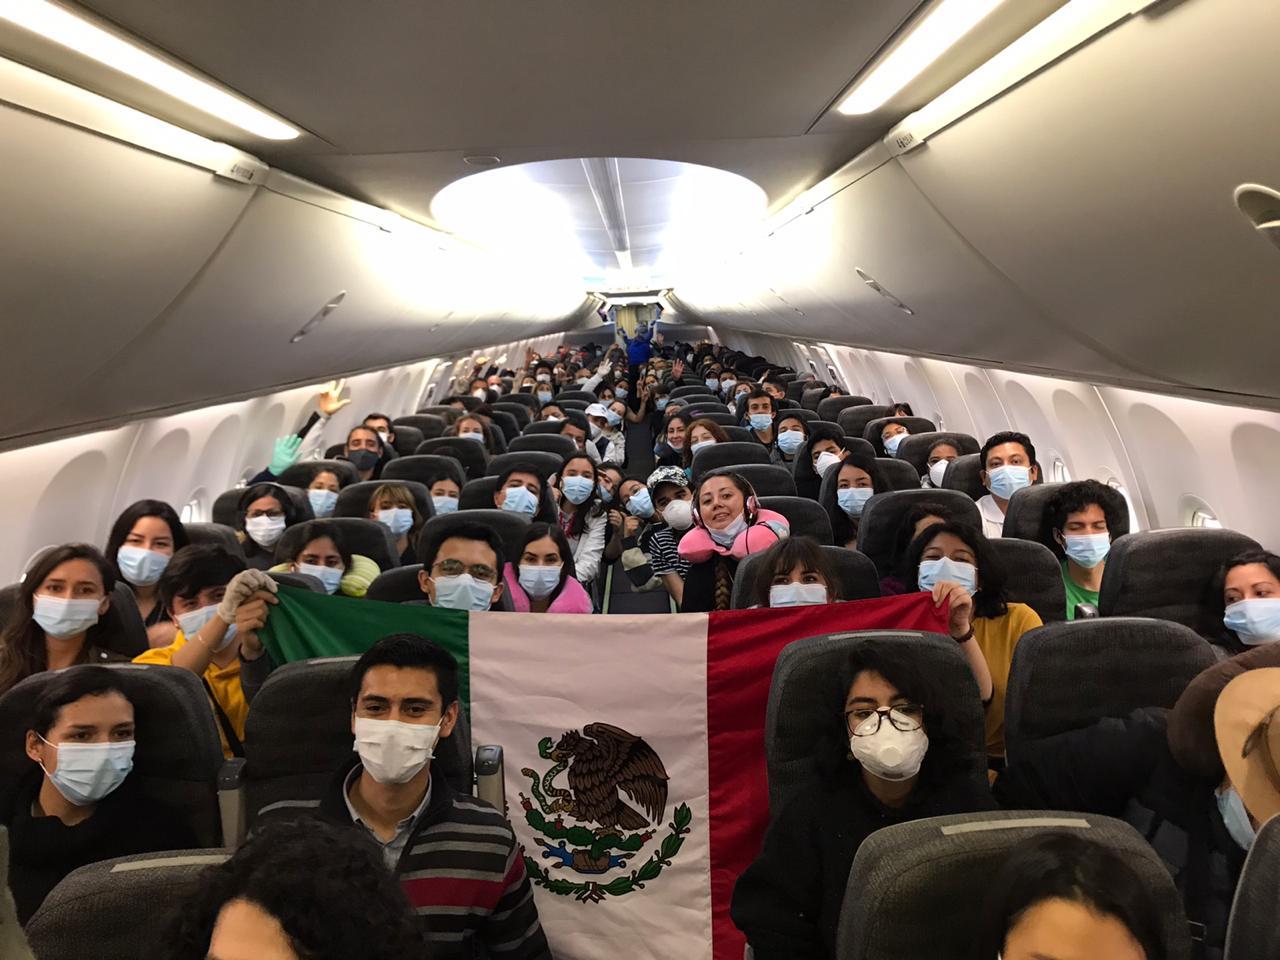 Historias de pandemia (I): huir del virus para regresar a casa